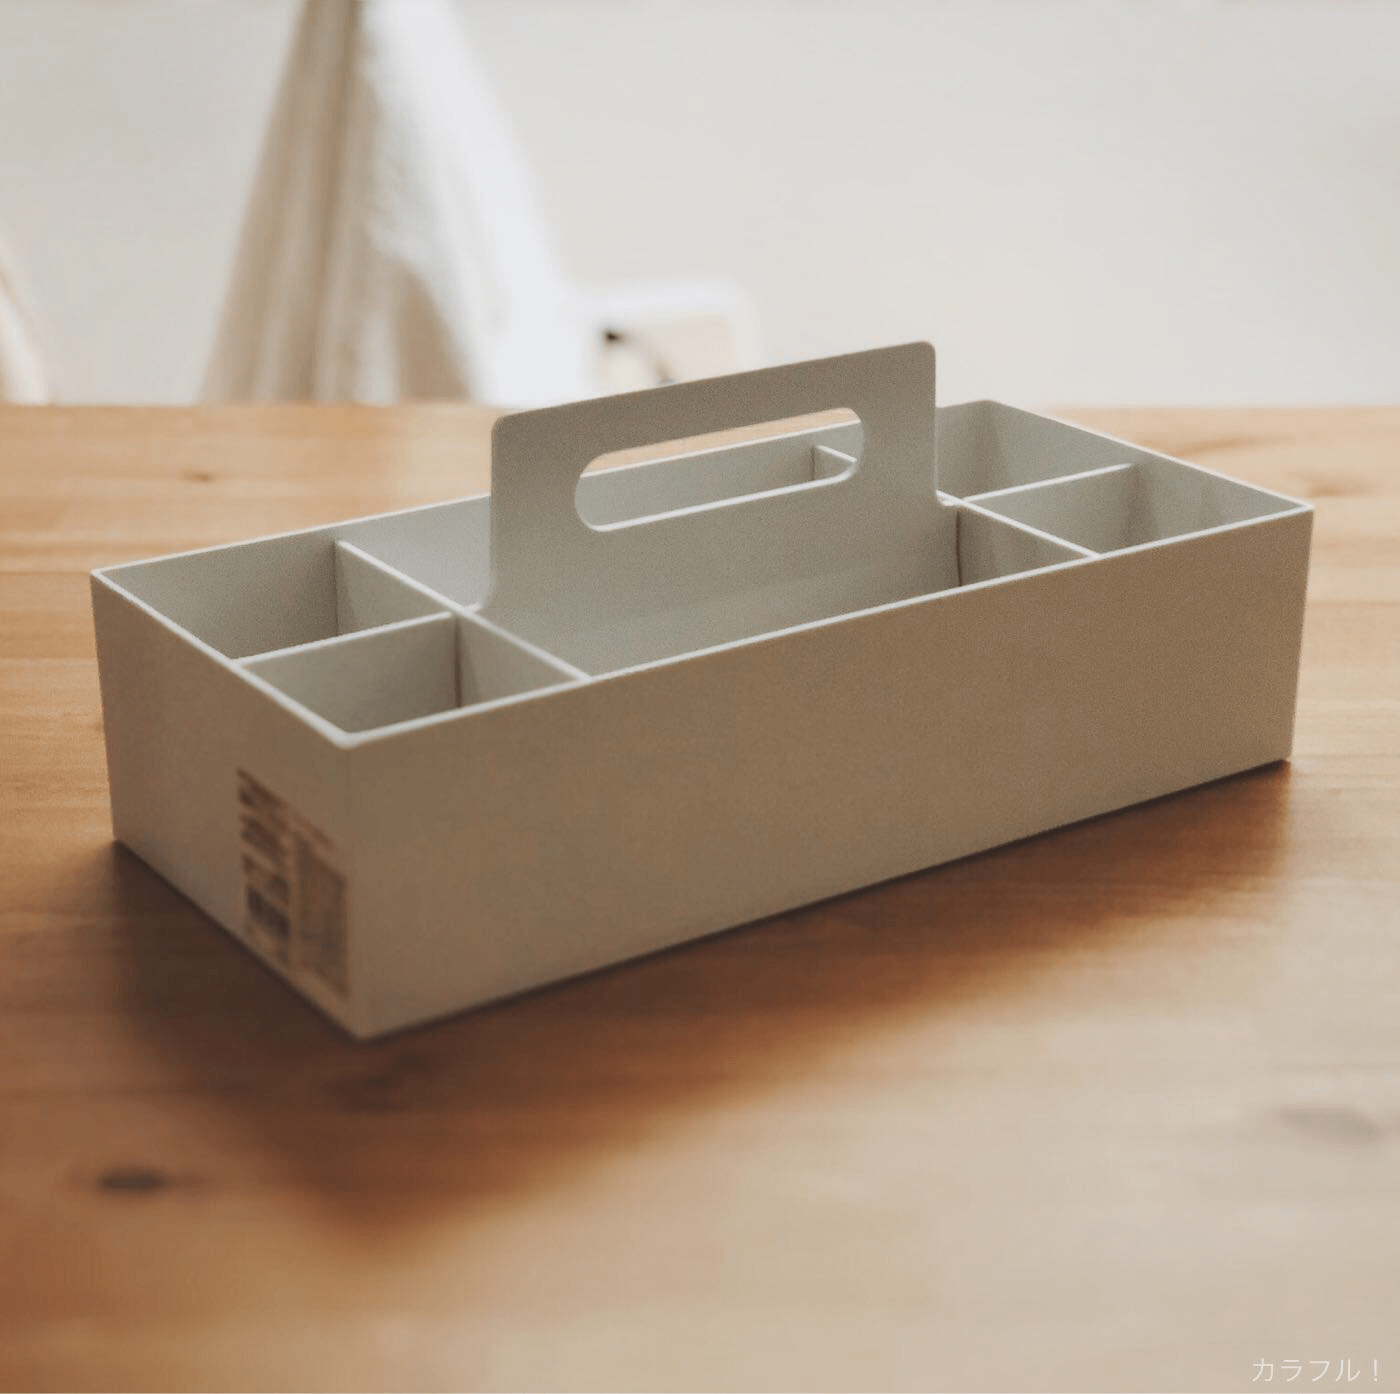 子供の日用品に無印良品の取っ手付きポリプロピレン収納キャリーボックス買ったよ